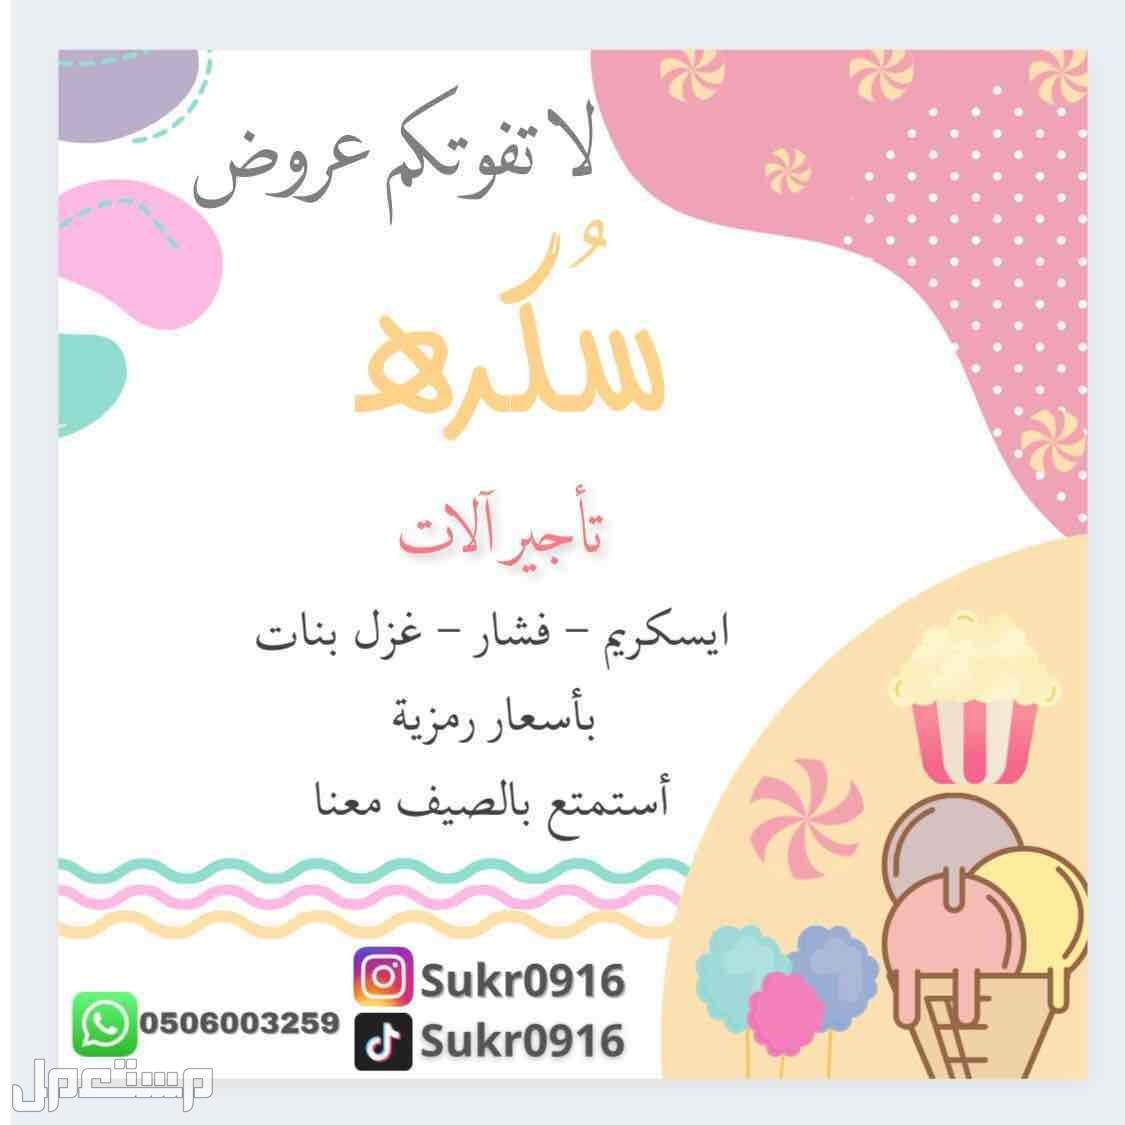 تاجير ايس كريم وفشار وغزل البنات